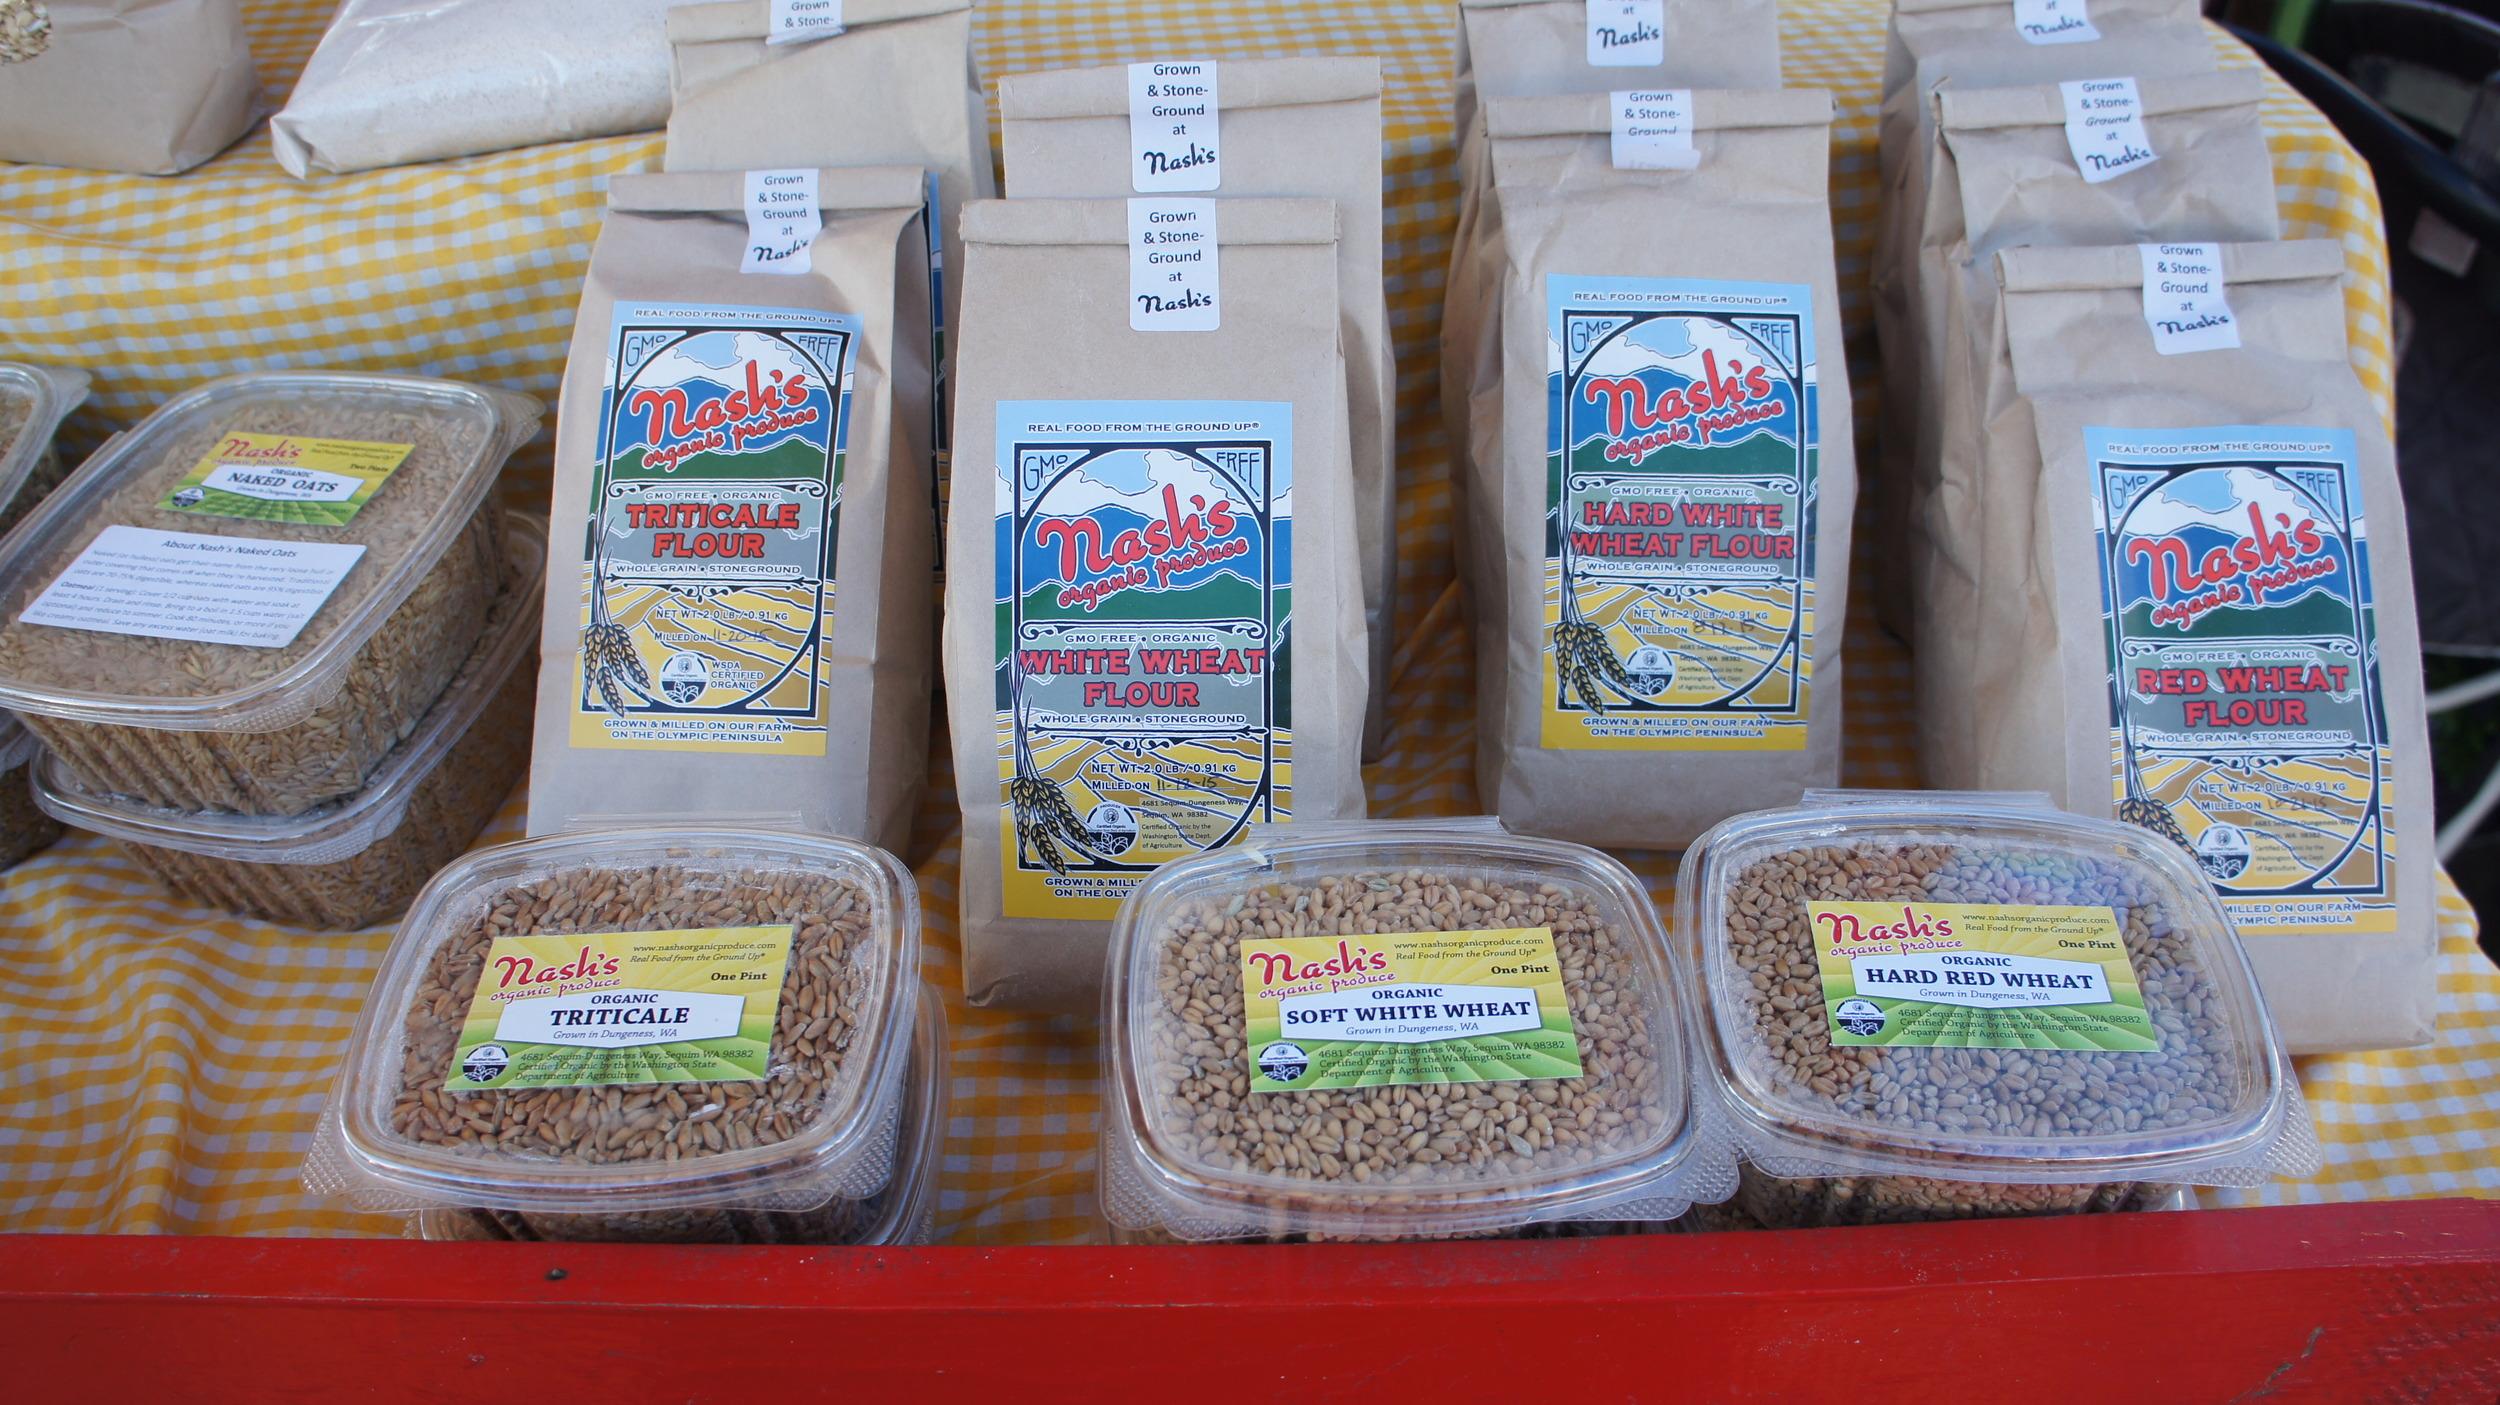 nashs wheat.JPG